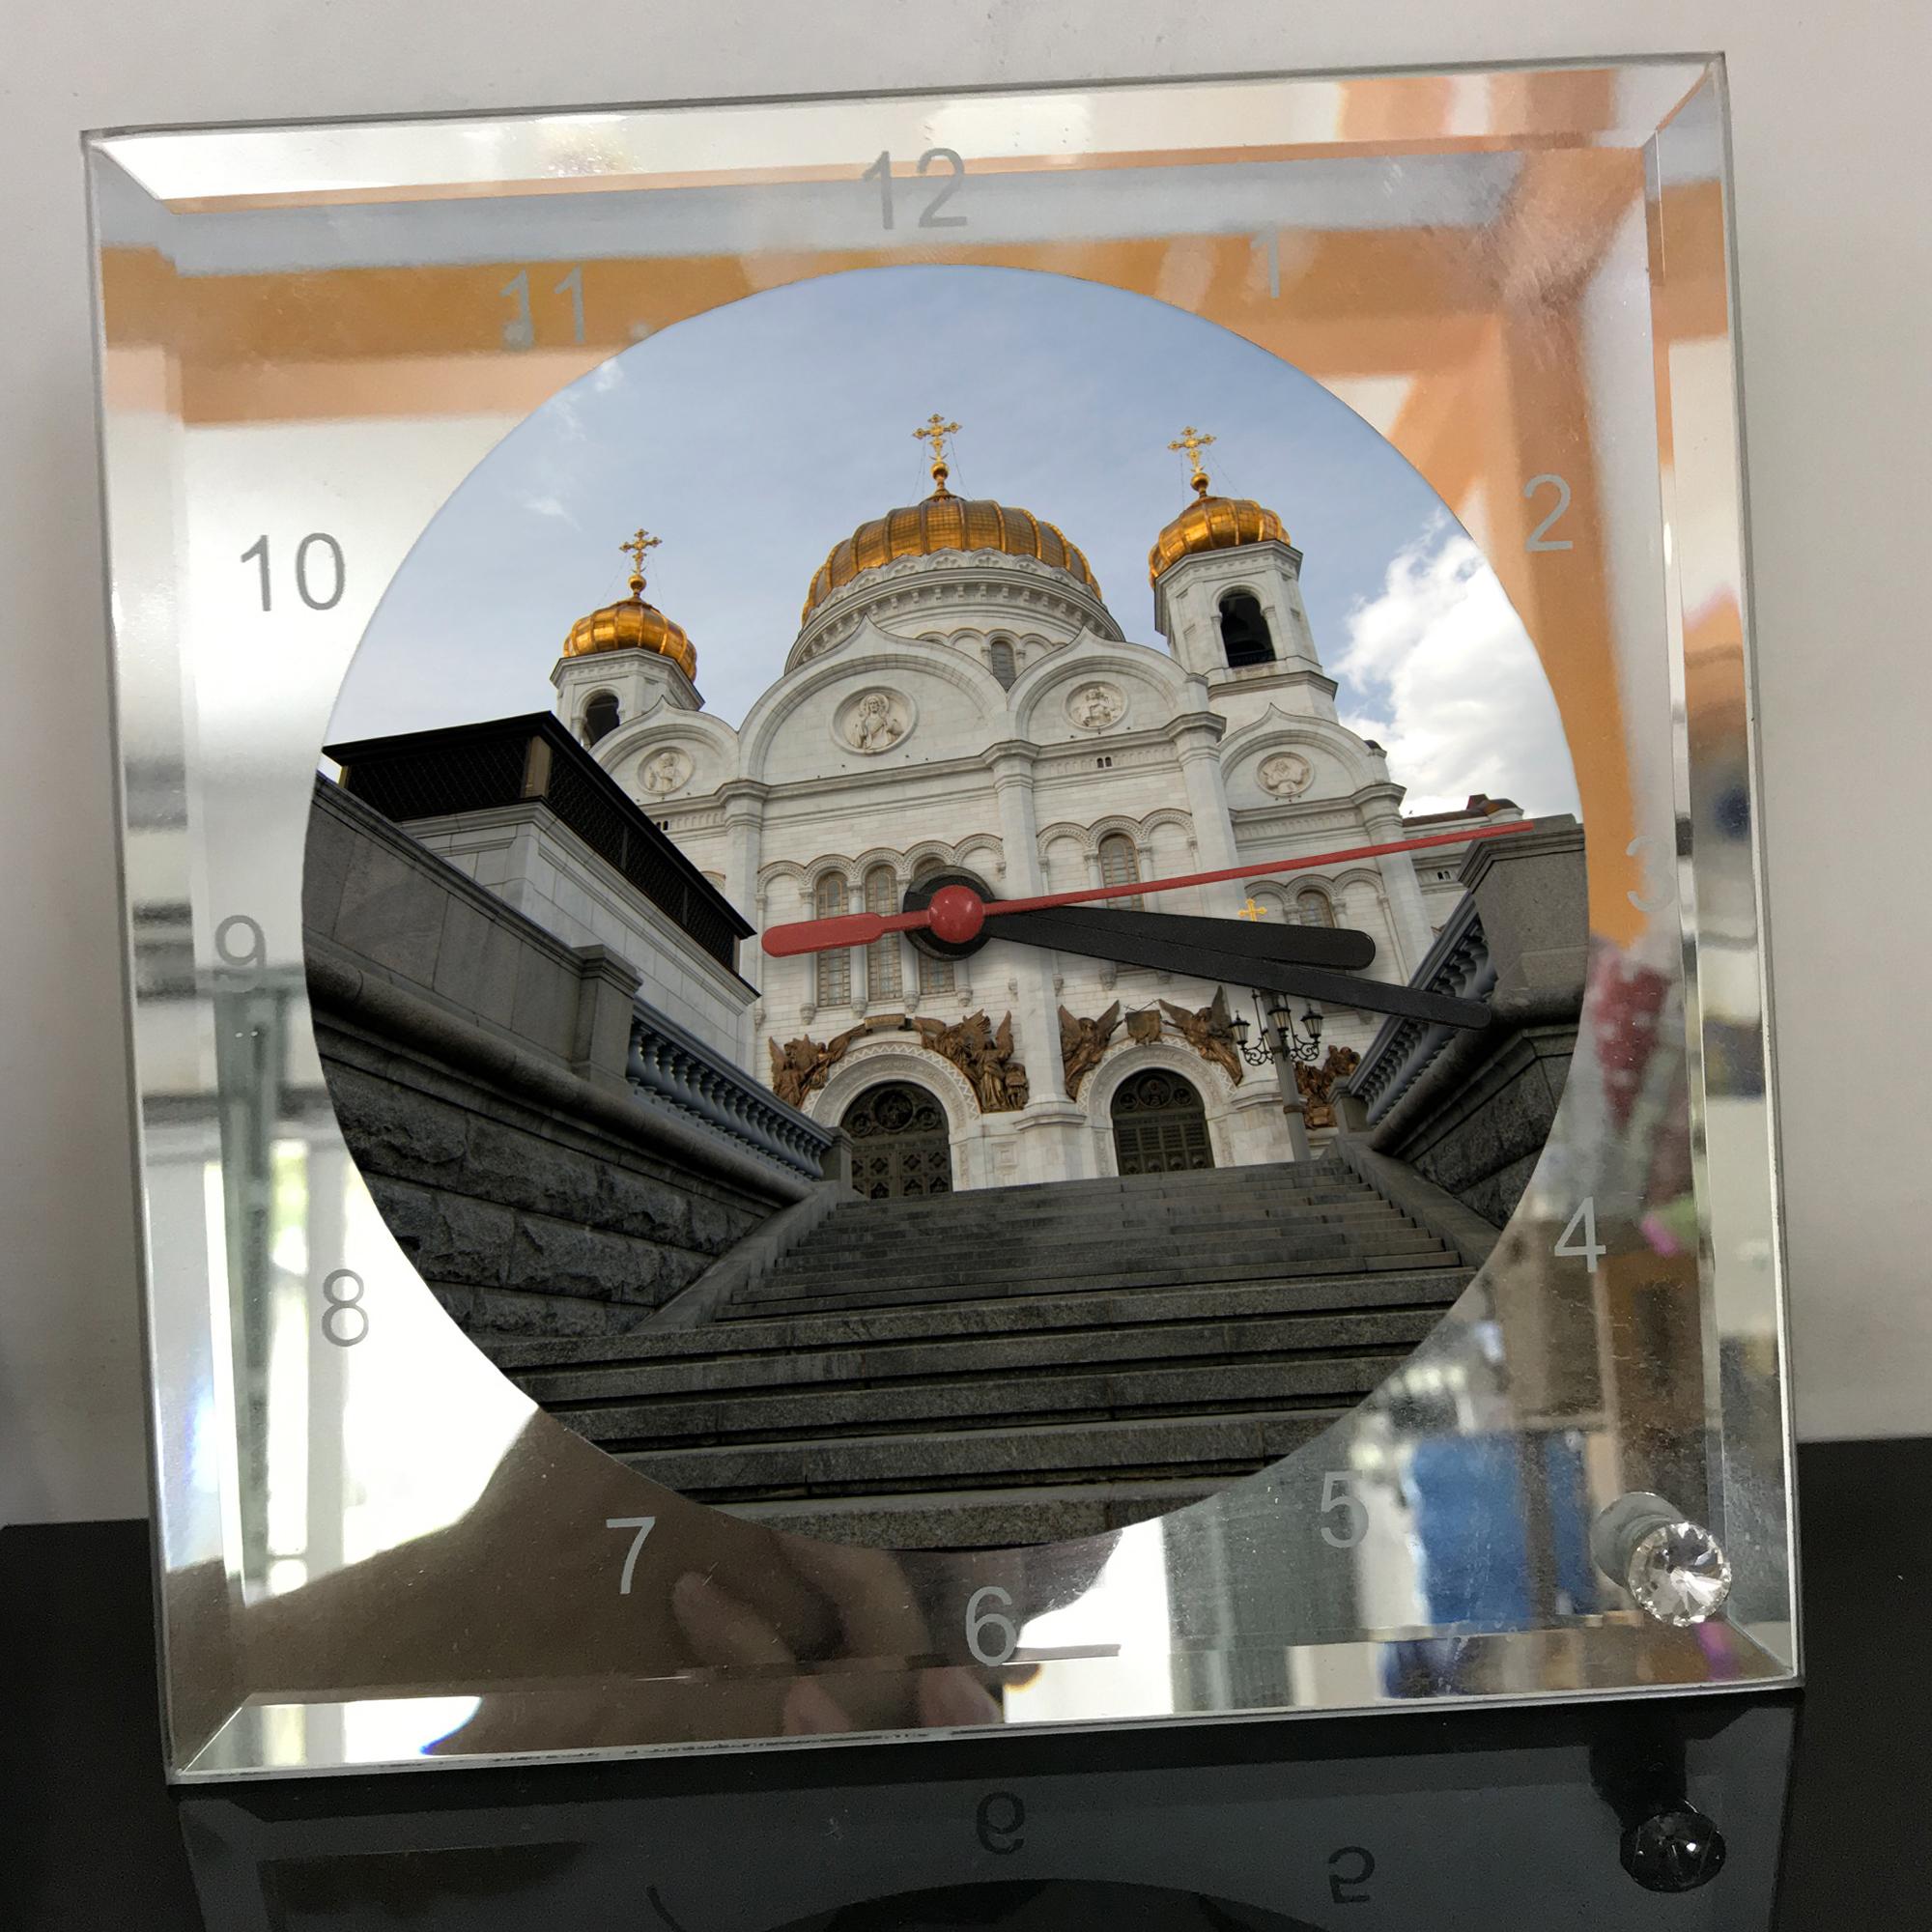 Đồng hồ thủy tinh vuông 20x20 in hình Cathedral Of Christ the saviour (32) . Đồng hồ thủy tinh để bàn trang trí đẹp chủ đề tôn giáo